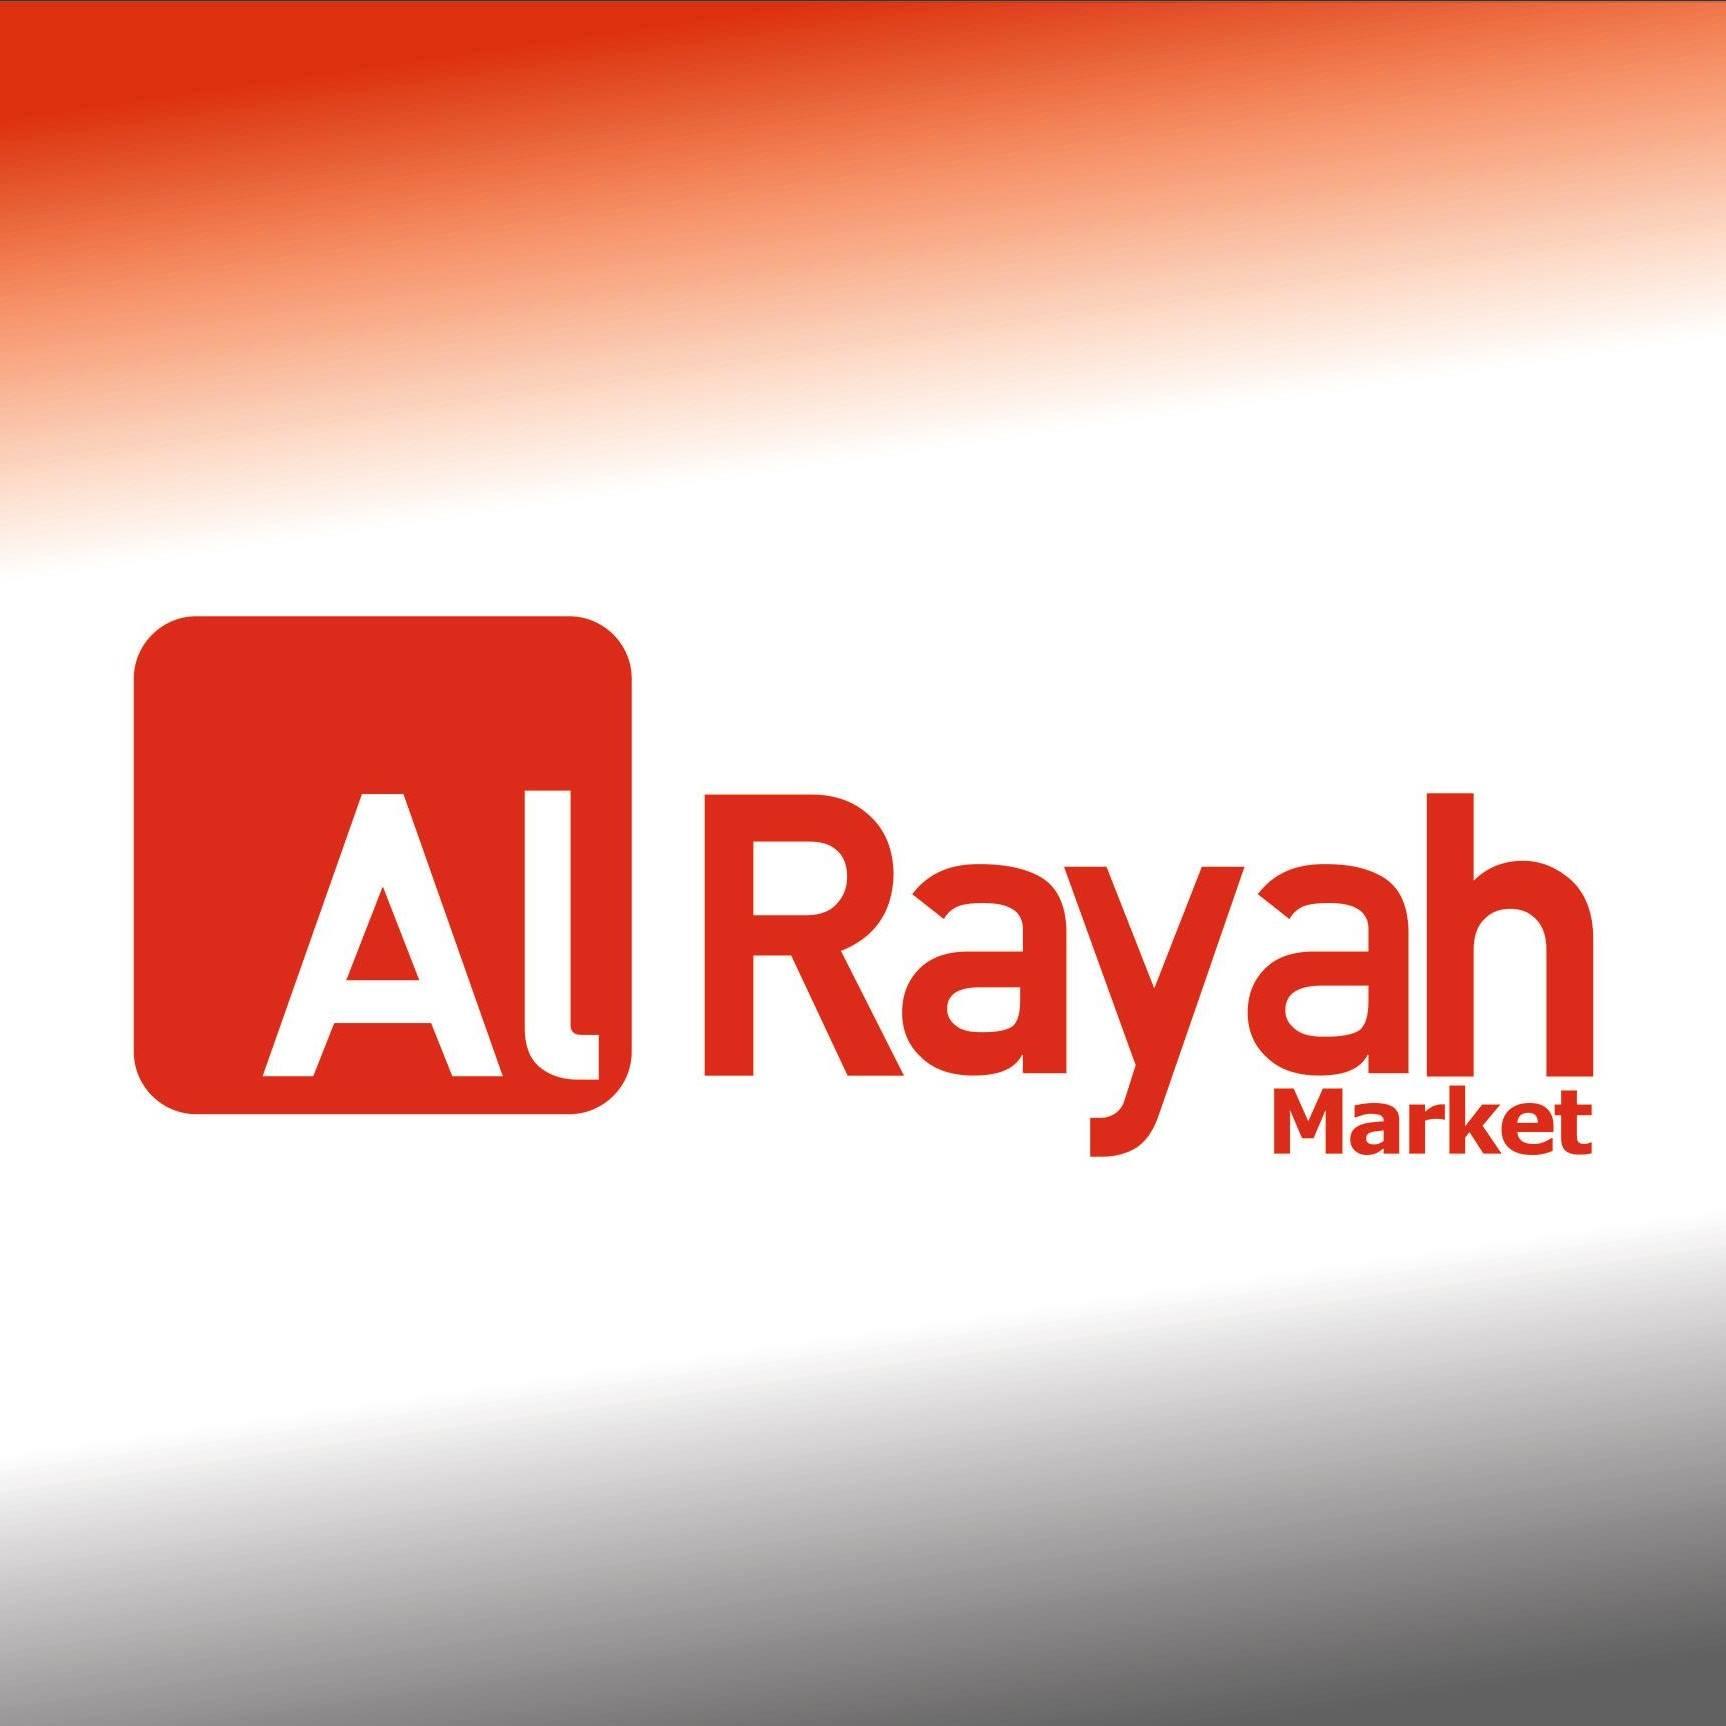 Al Rayah